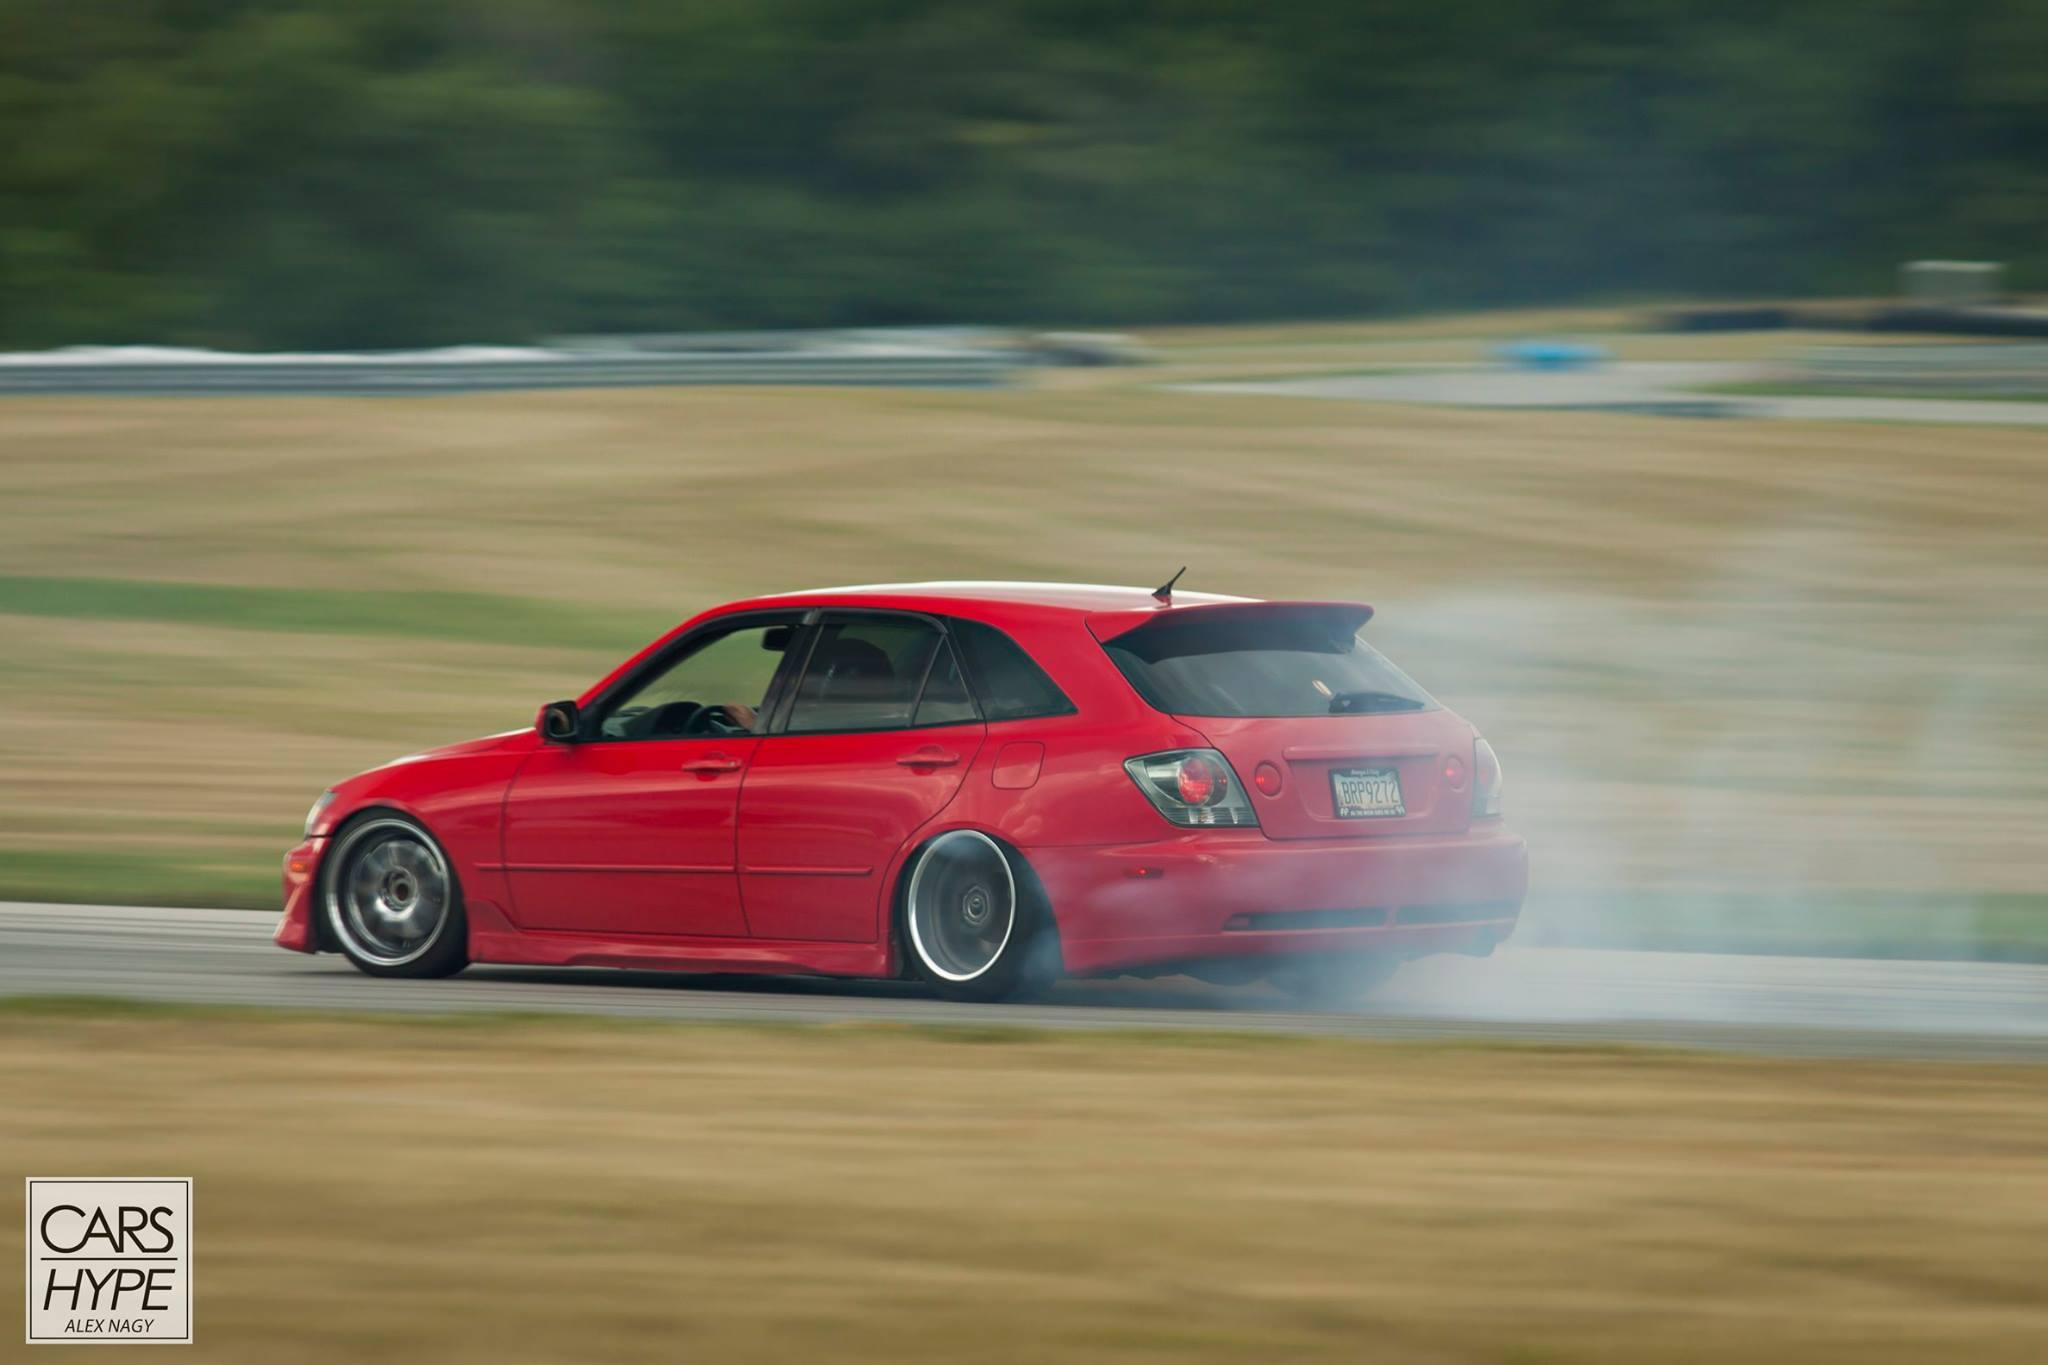 car x hype alex nagy.jpg